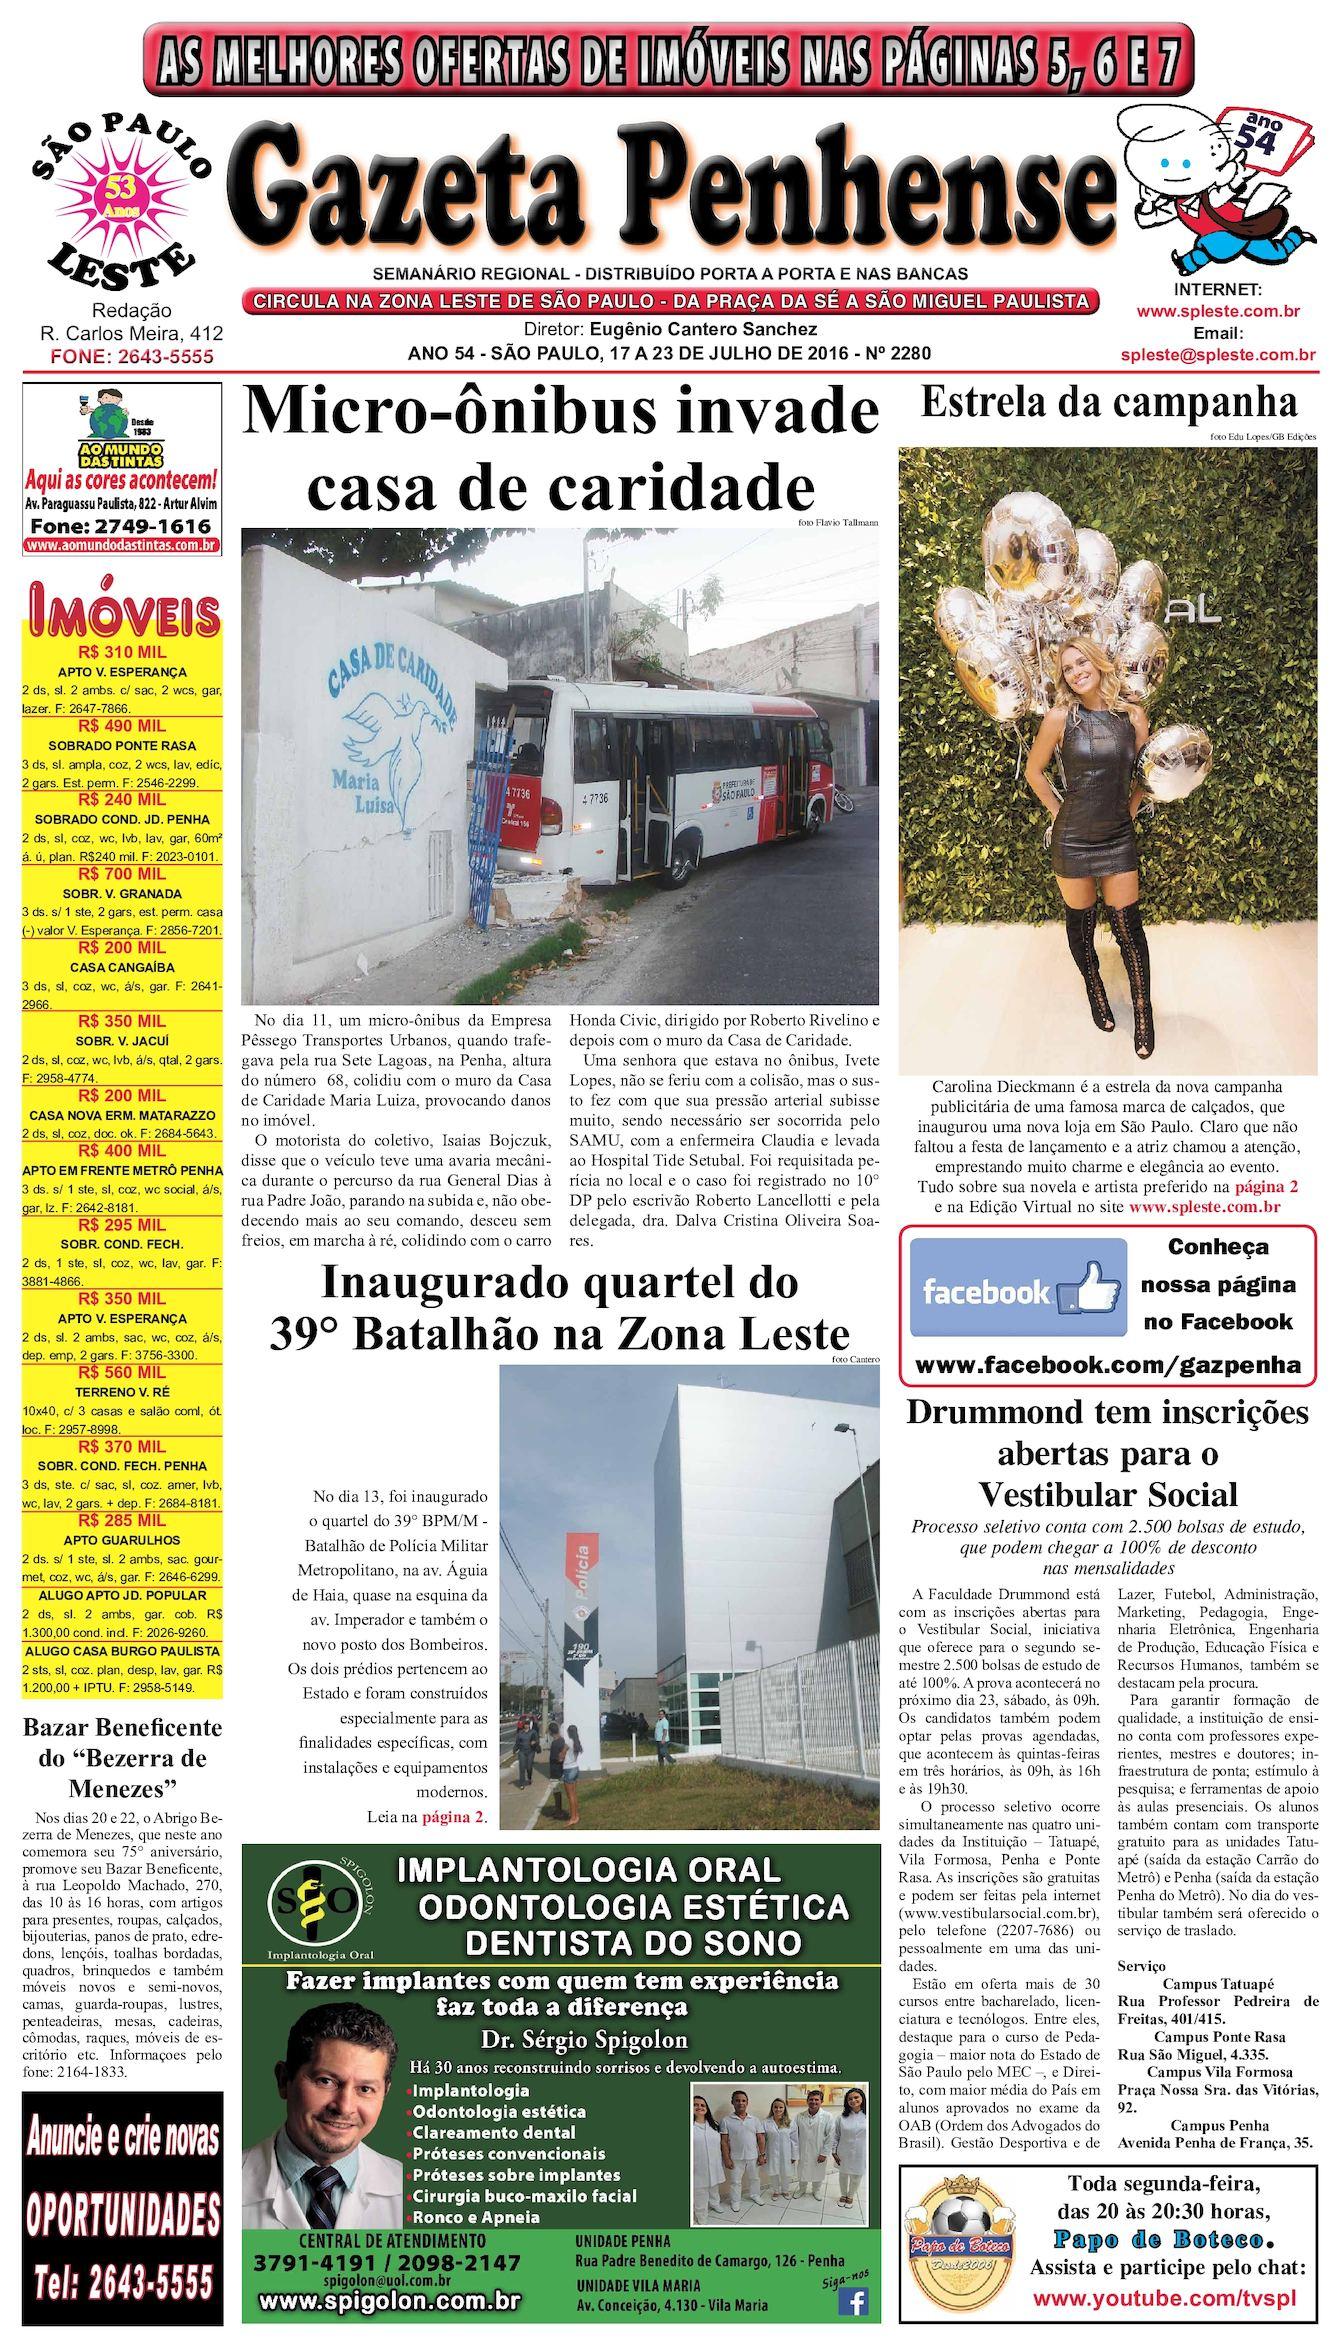 22c3bf76ede6b Calaméo - Gazeta Penhense - edição2280 - 17 a 23.07.16